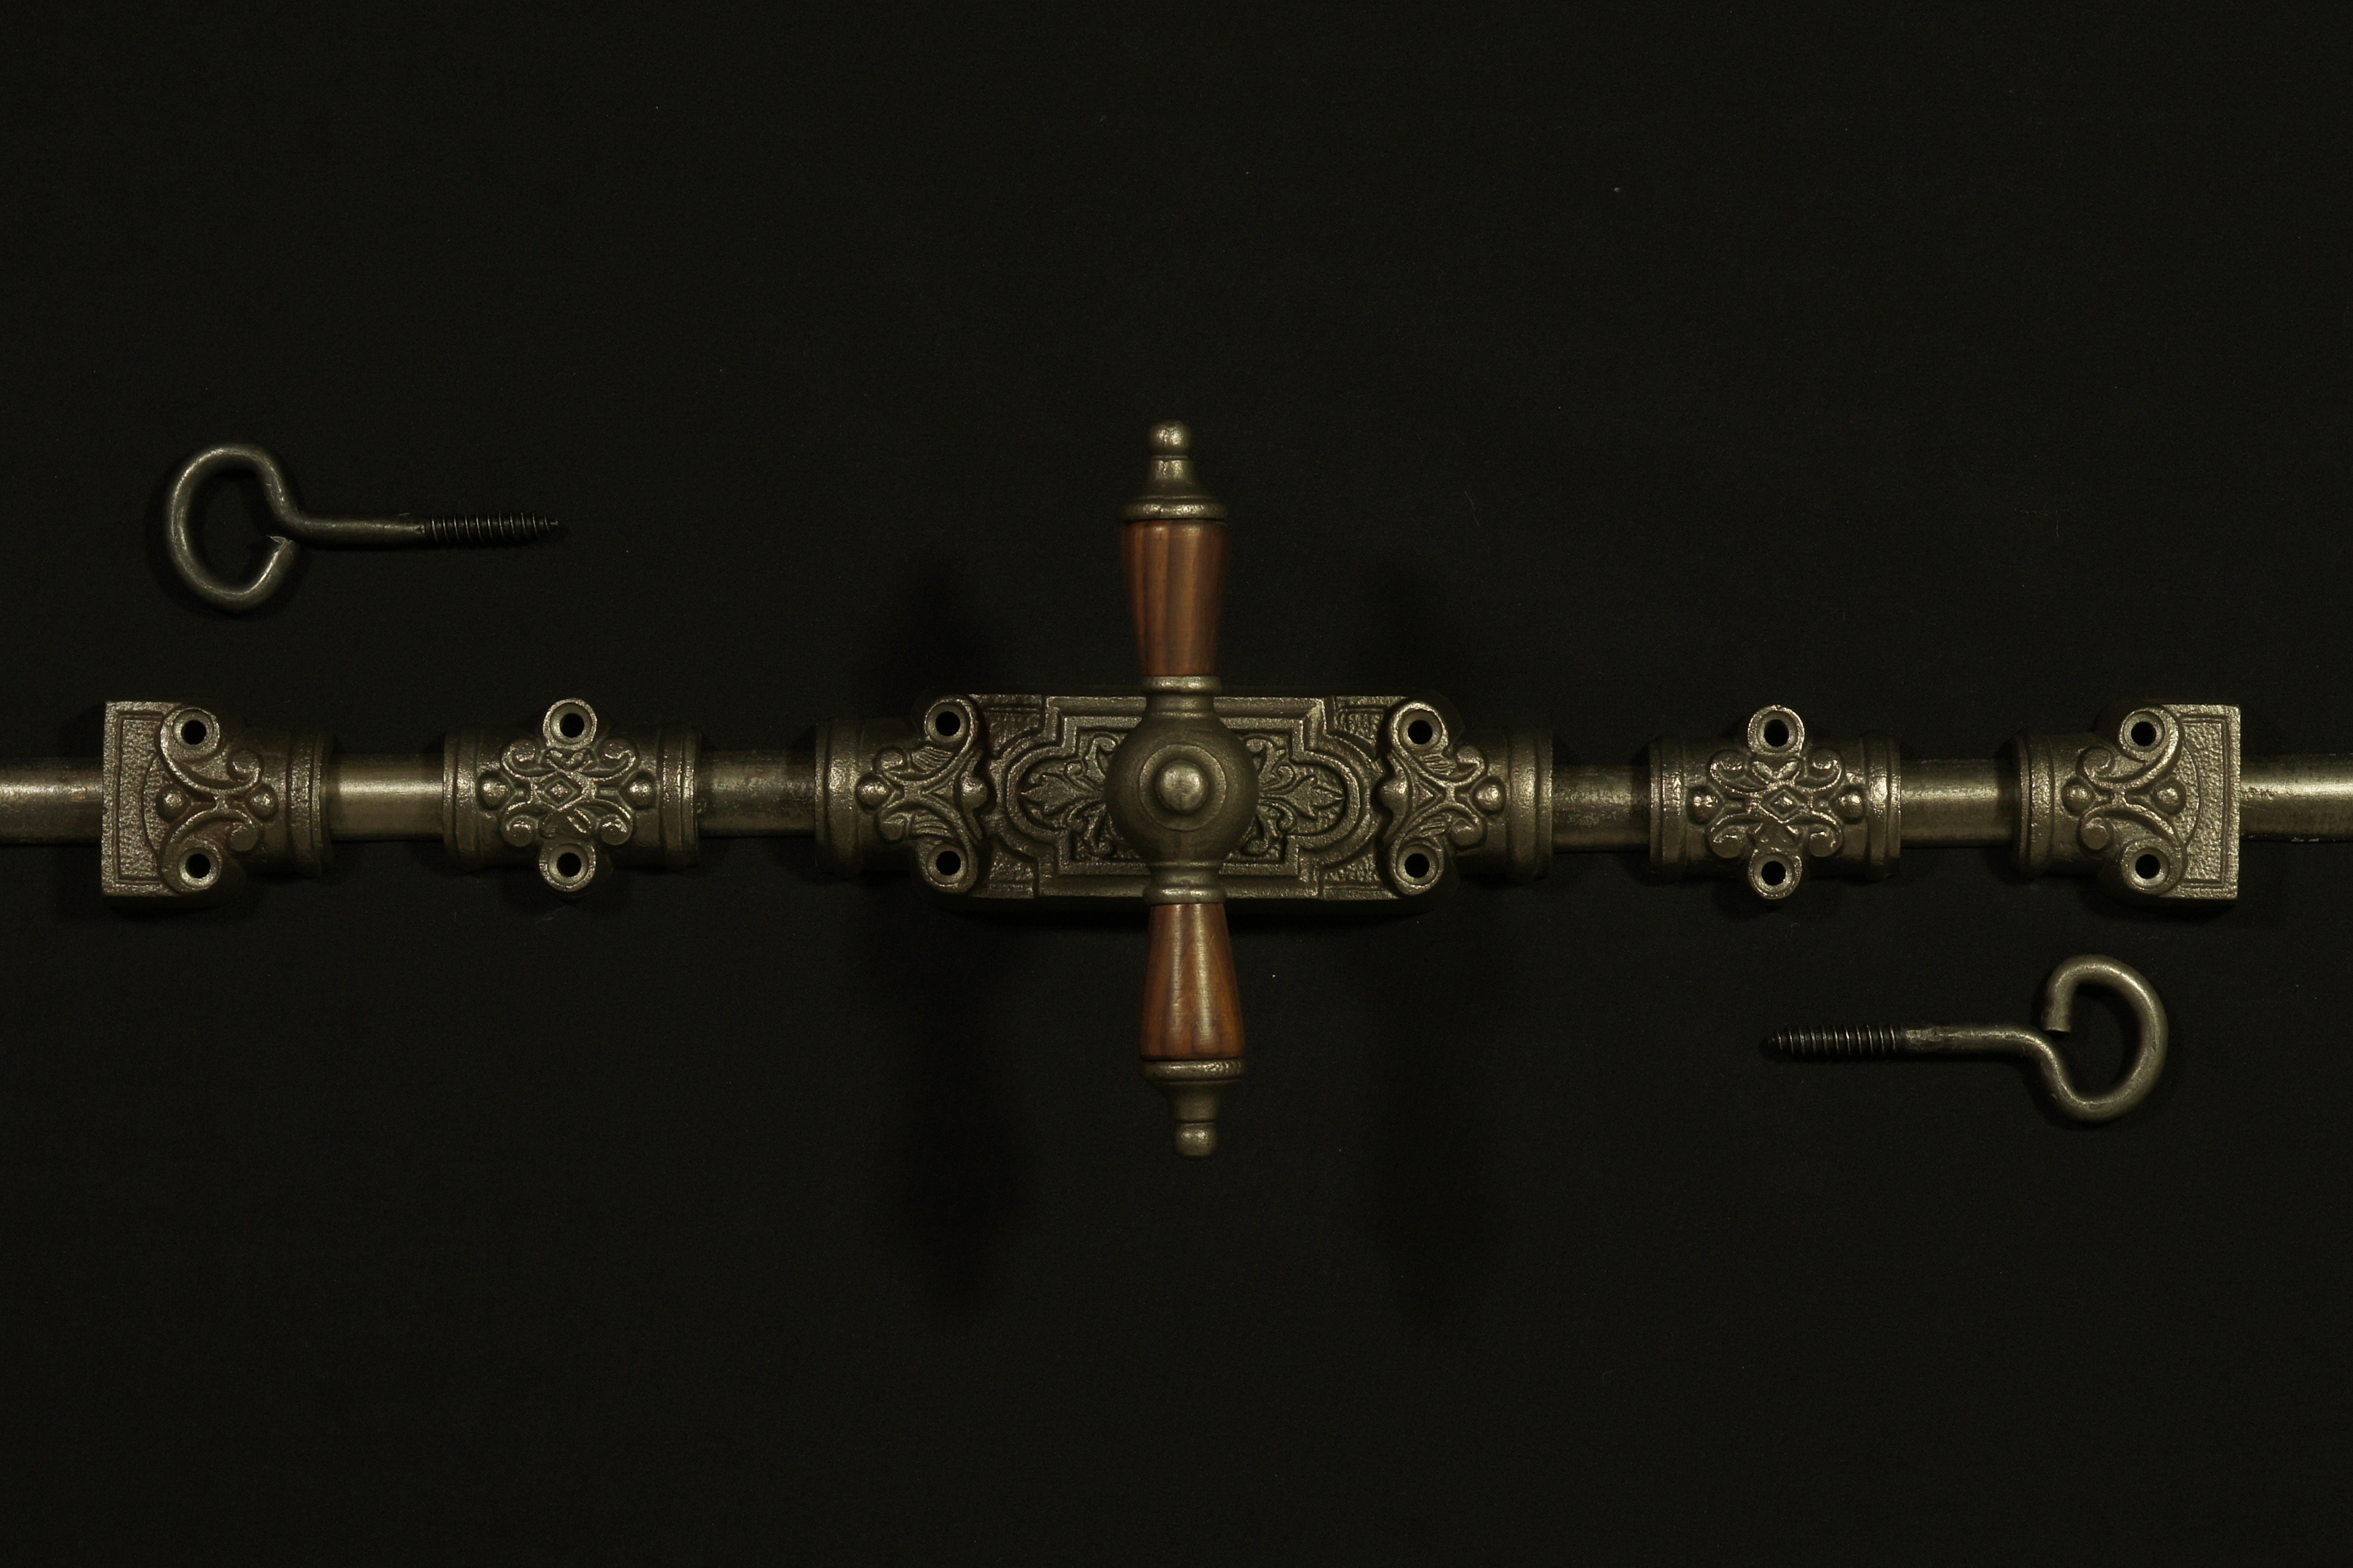 Basquille Fenstergetriebe im Gründerzeit Stil